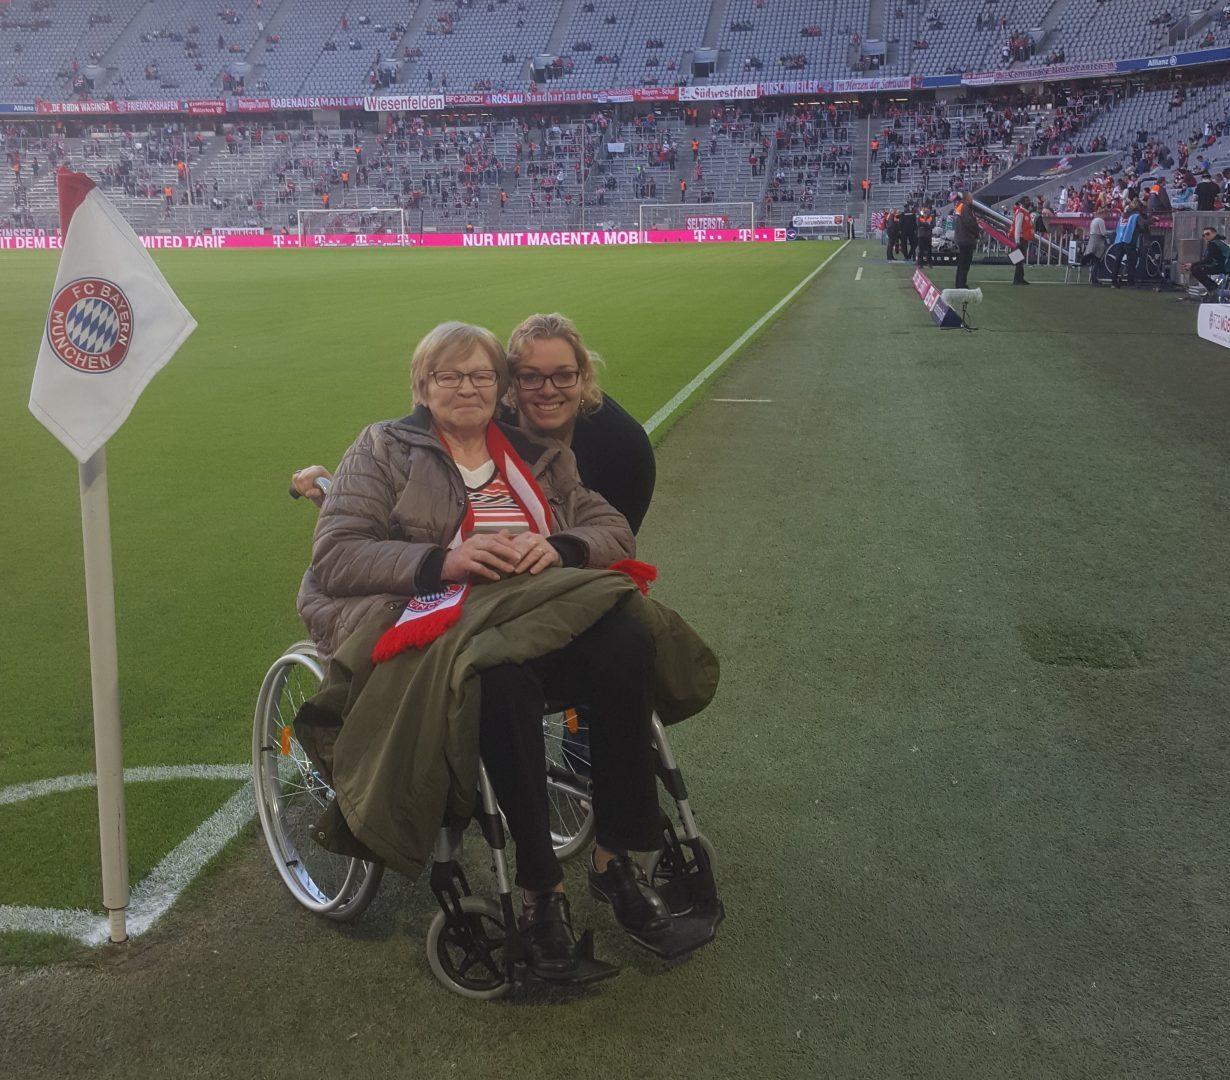 Bild von Karolin mit ihrer Oma am Spielfeldrand